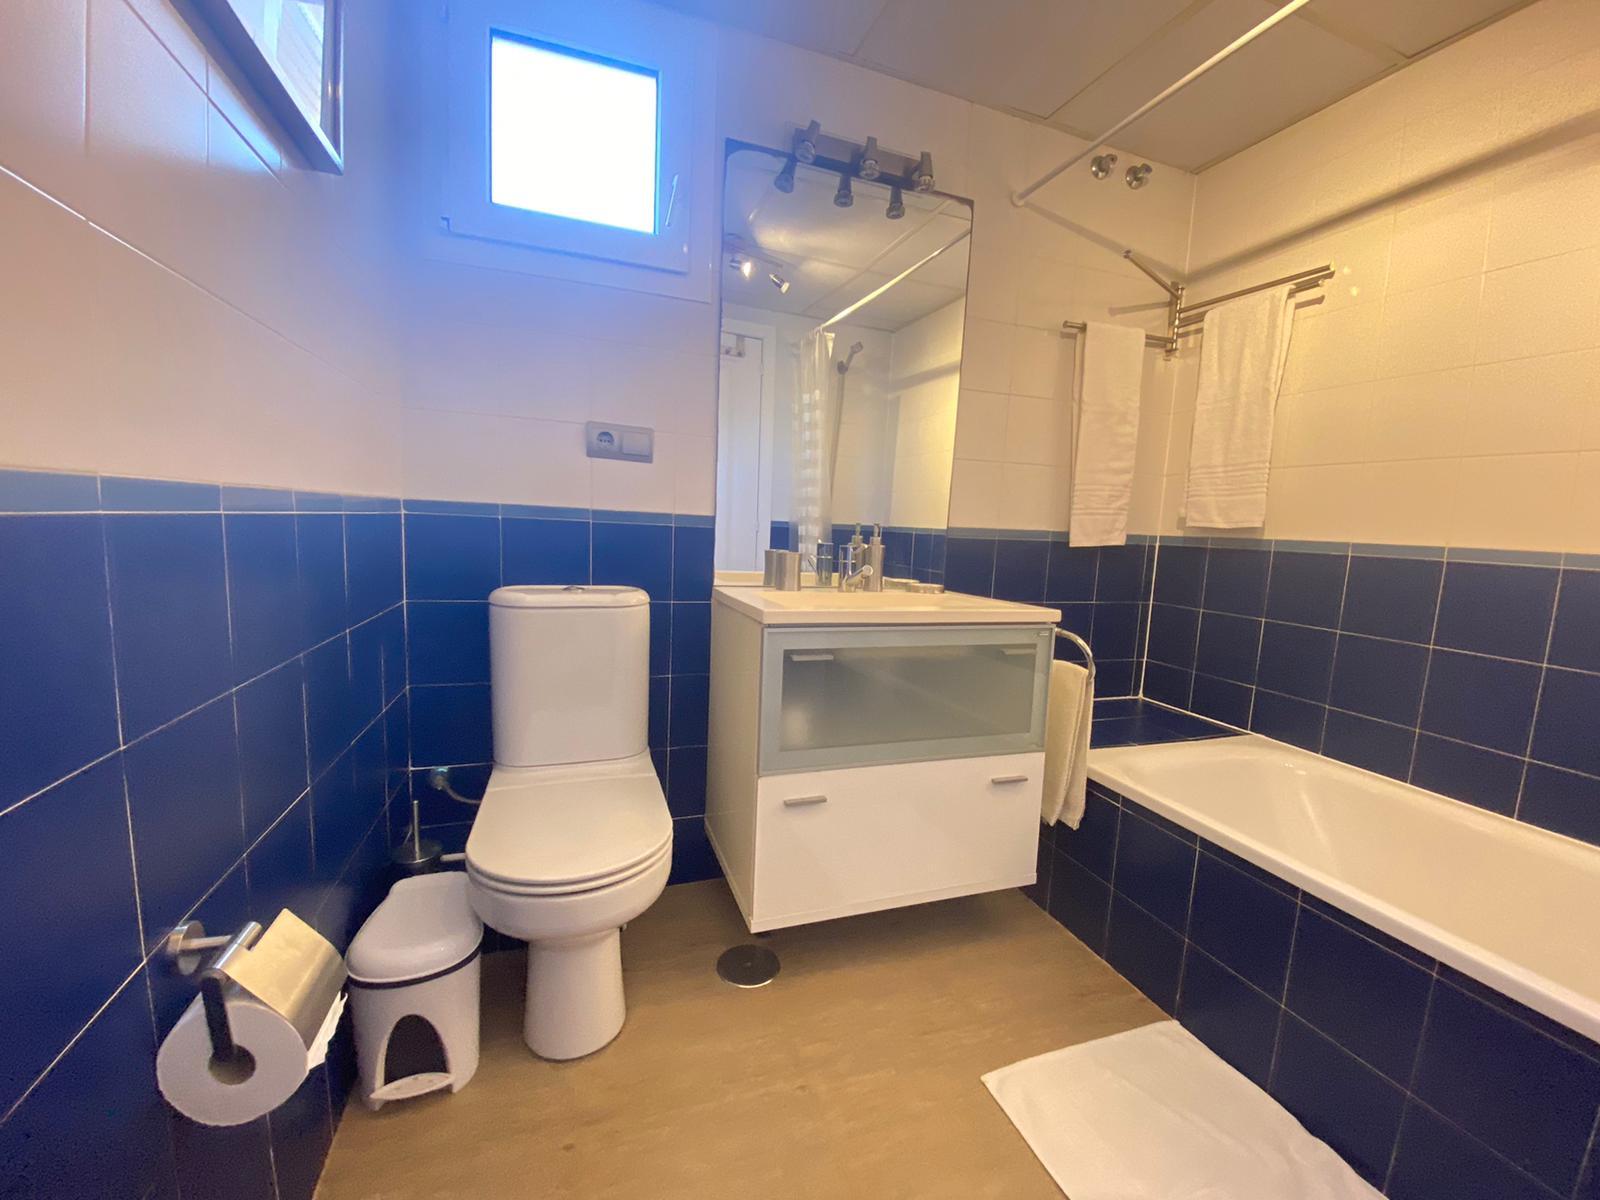 Imagen 39 del Apartamento Turístico, Ático 6 Levante (3d+2b), Punta del Moral (HUELVA), Paseo de la Cruz nº22